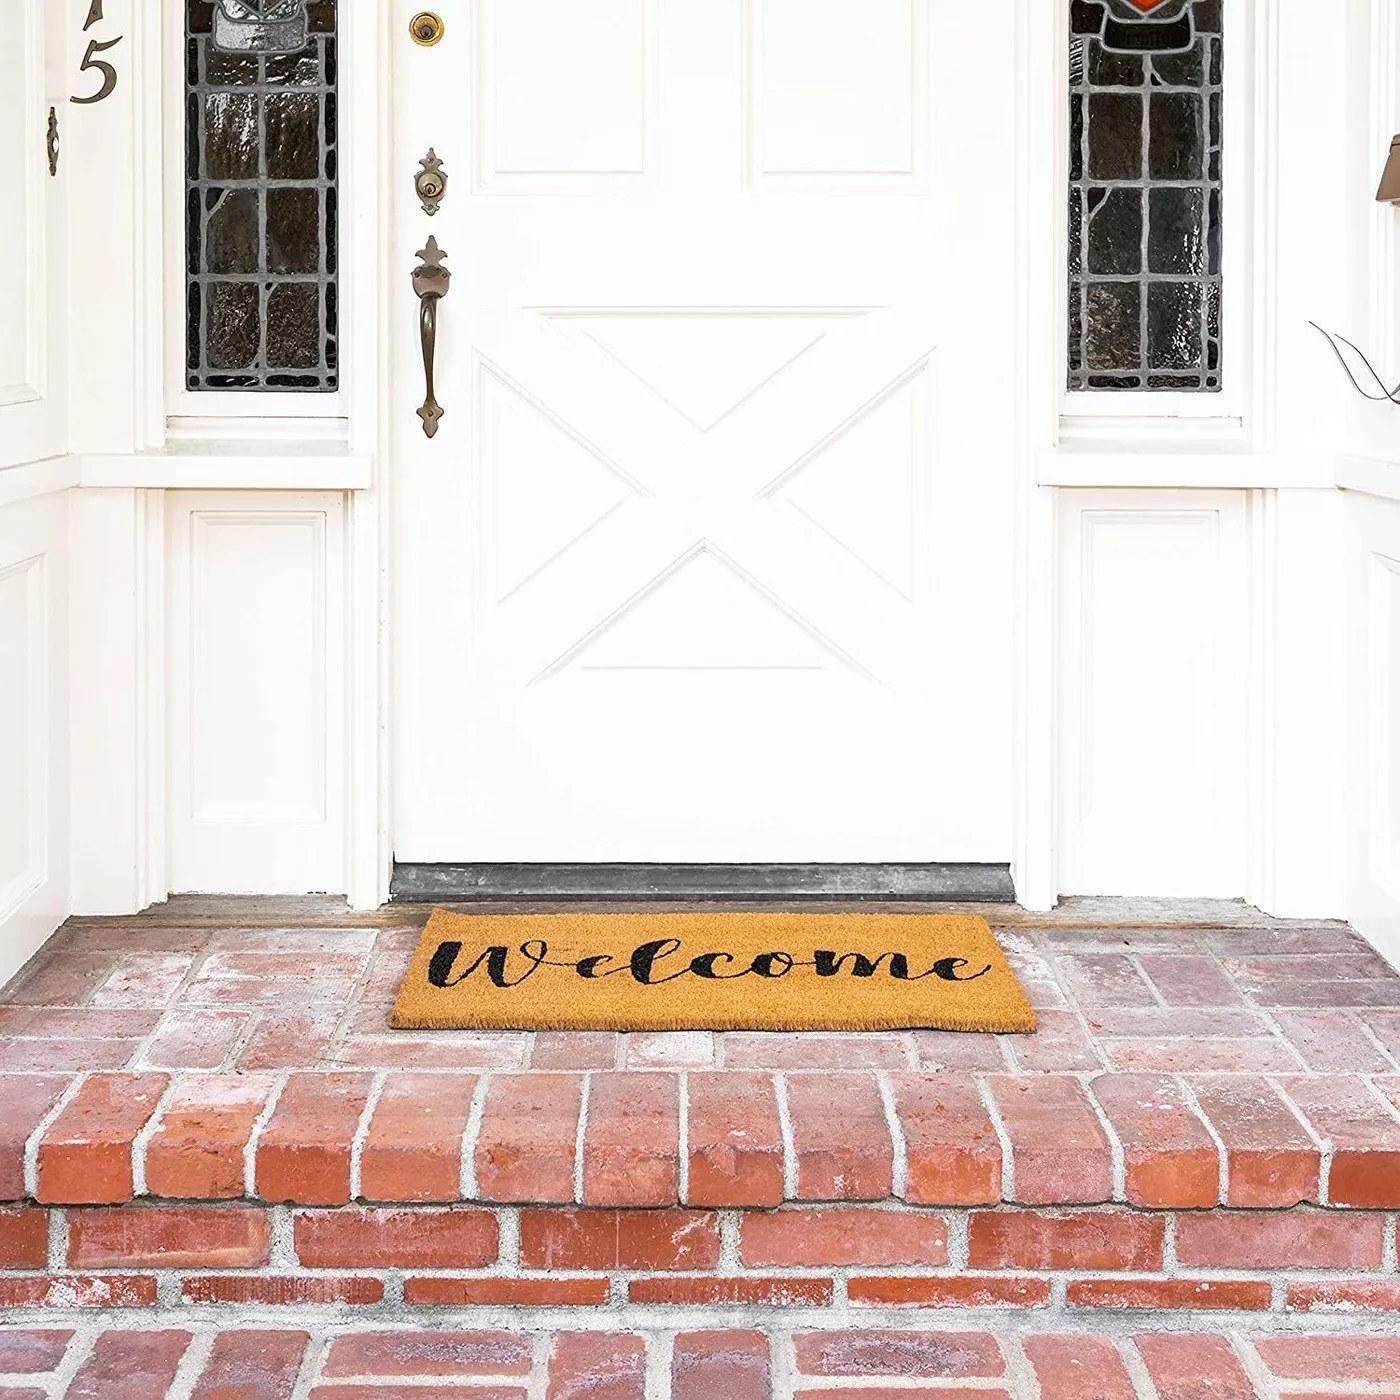 The welcome door mat